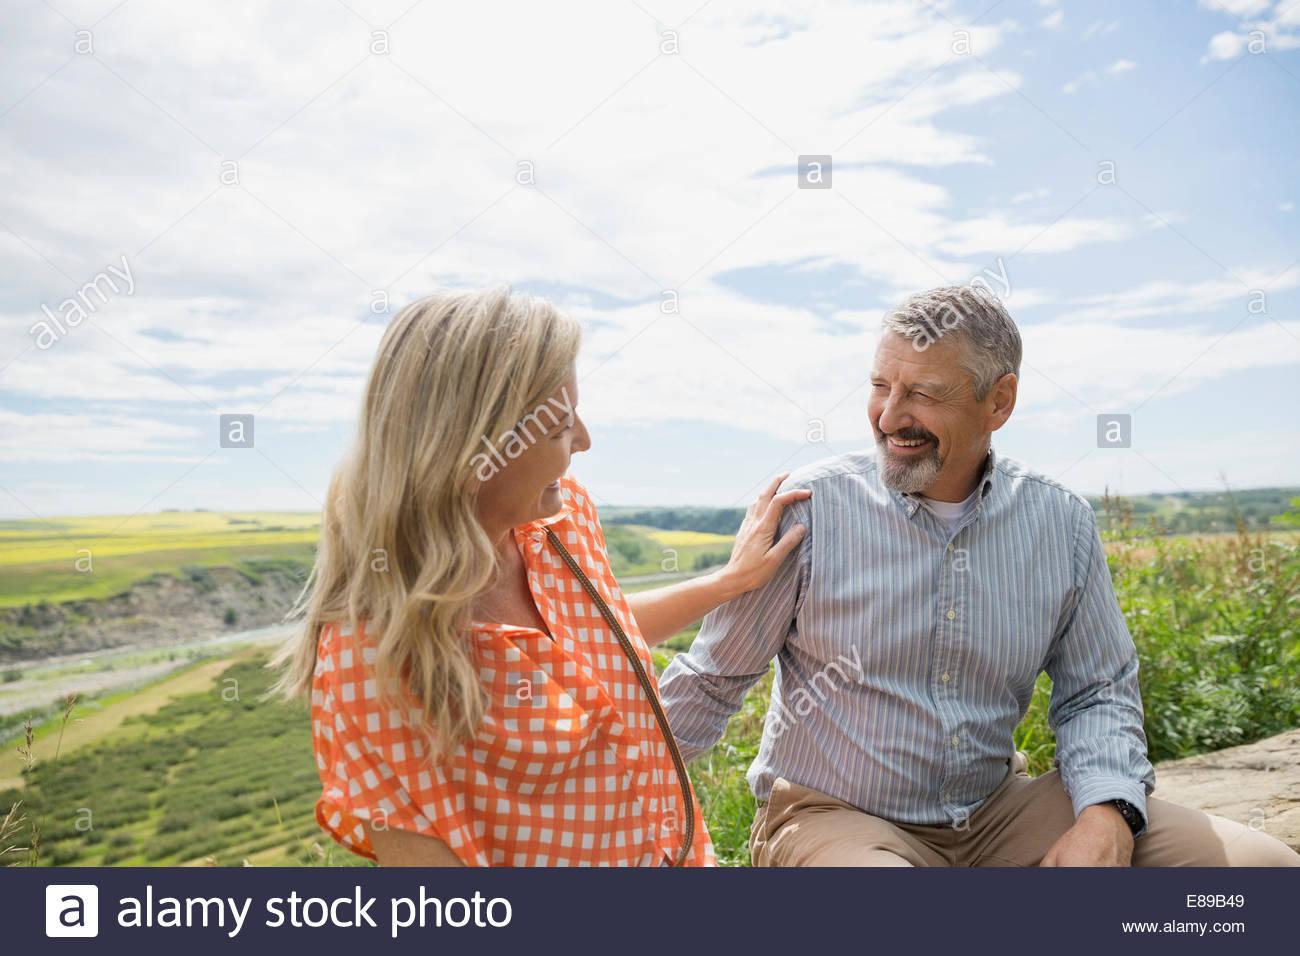 Par riendo al aire libre con el paisaje en segundo plano. Imagen De Stock